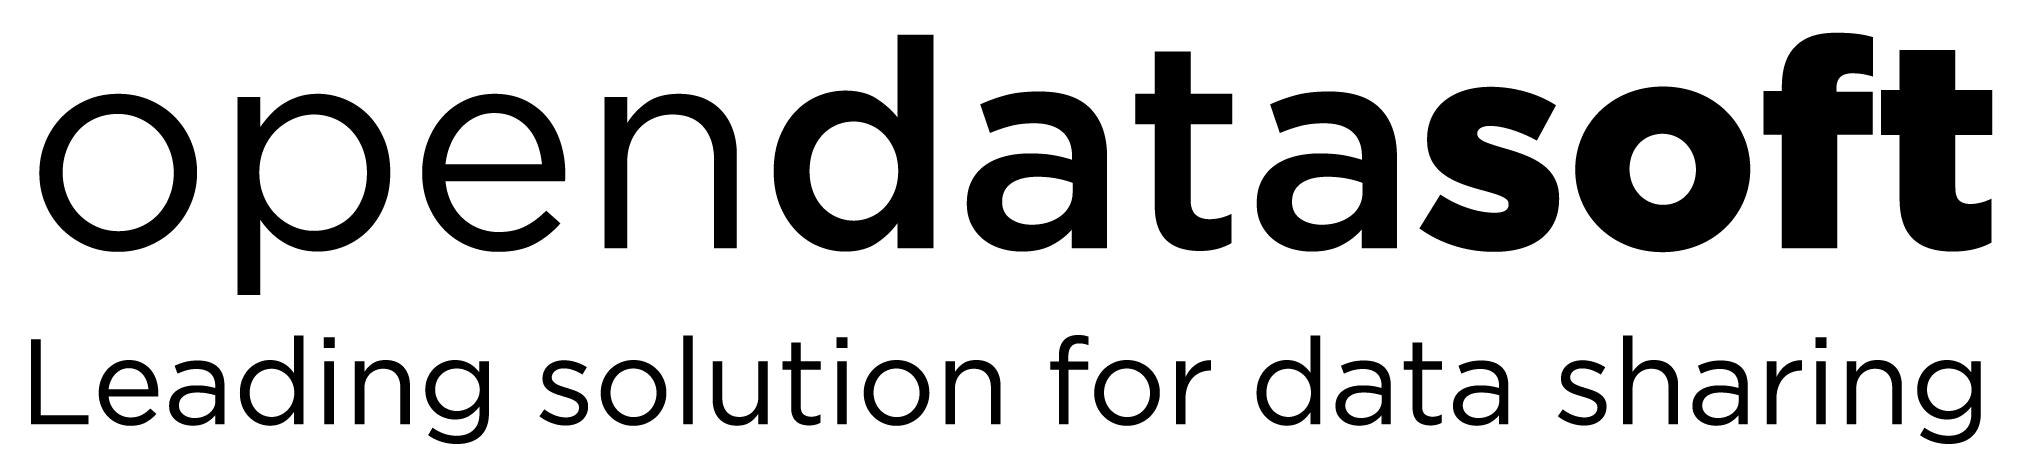 logo-tagline-black